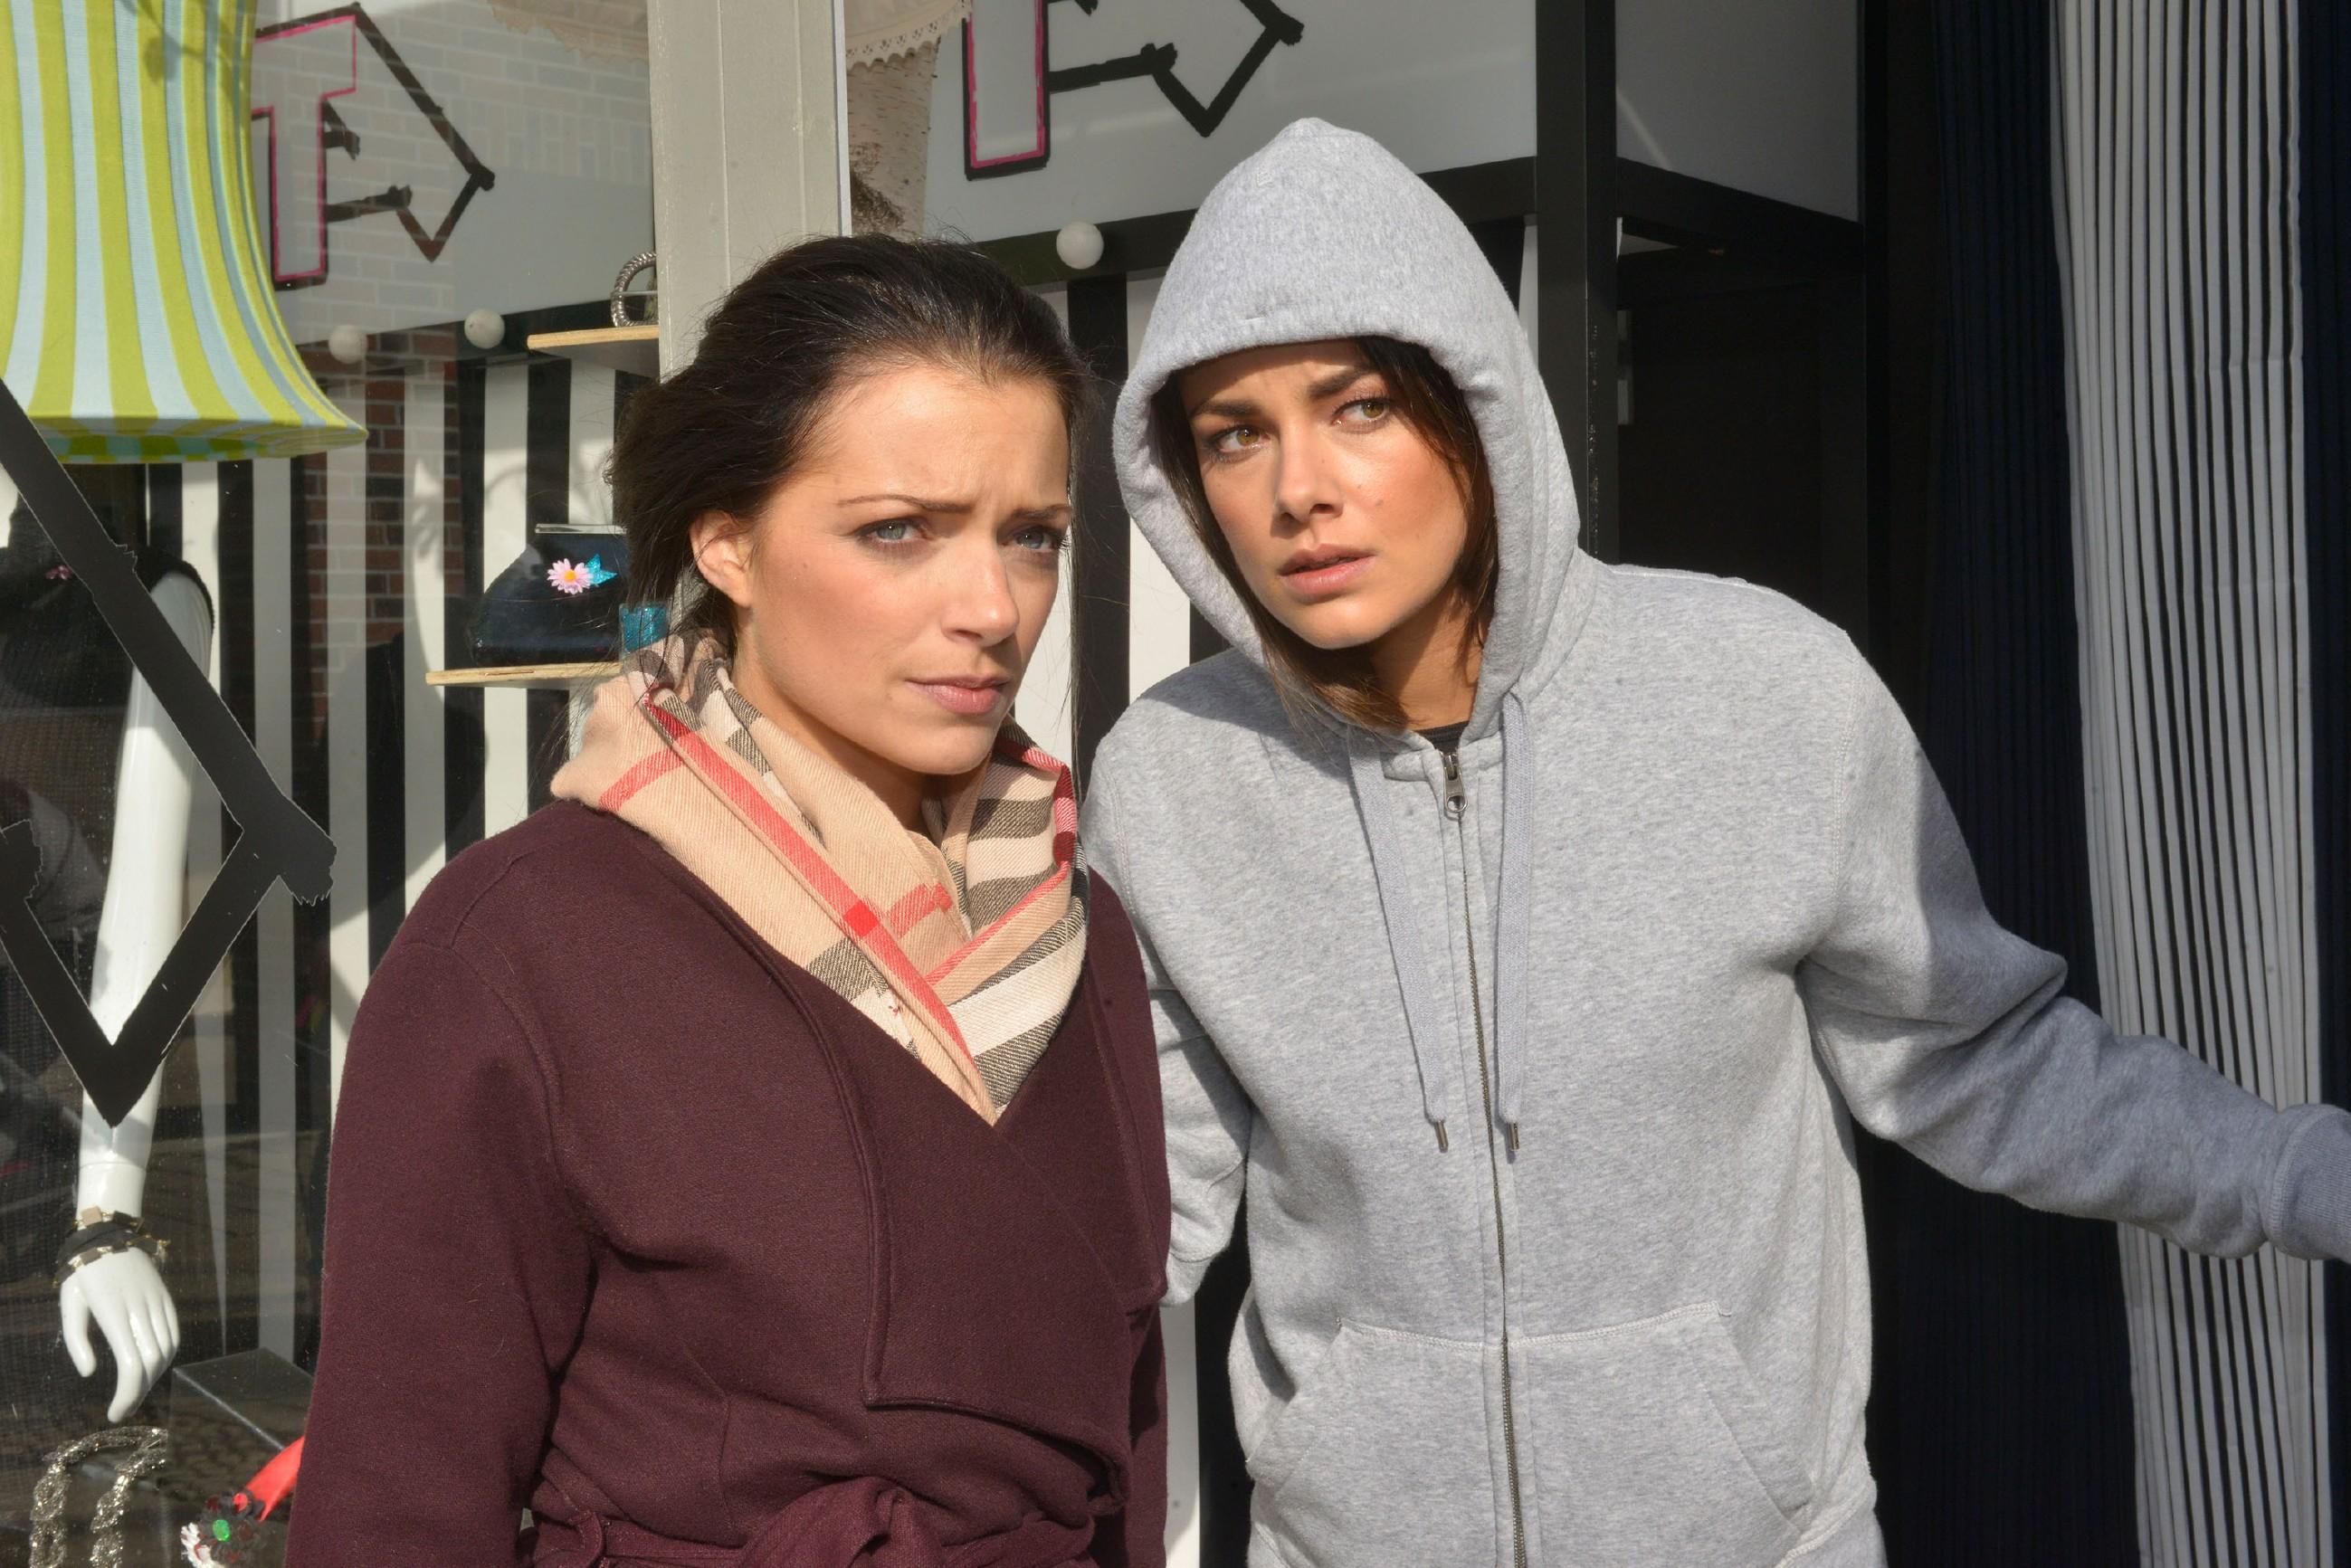 Jasmin (Janina Uhse, r.) vesucht mit Emilys (Anne Menden) Hilfe der wartenden Presse zu entkommen. (Quelle: RTL / Rolf Baumgartner)